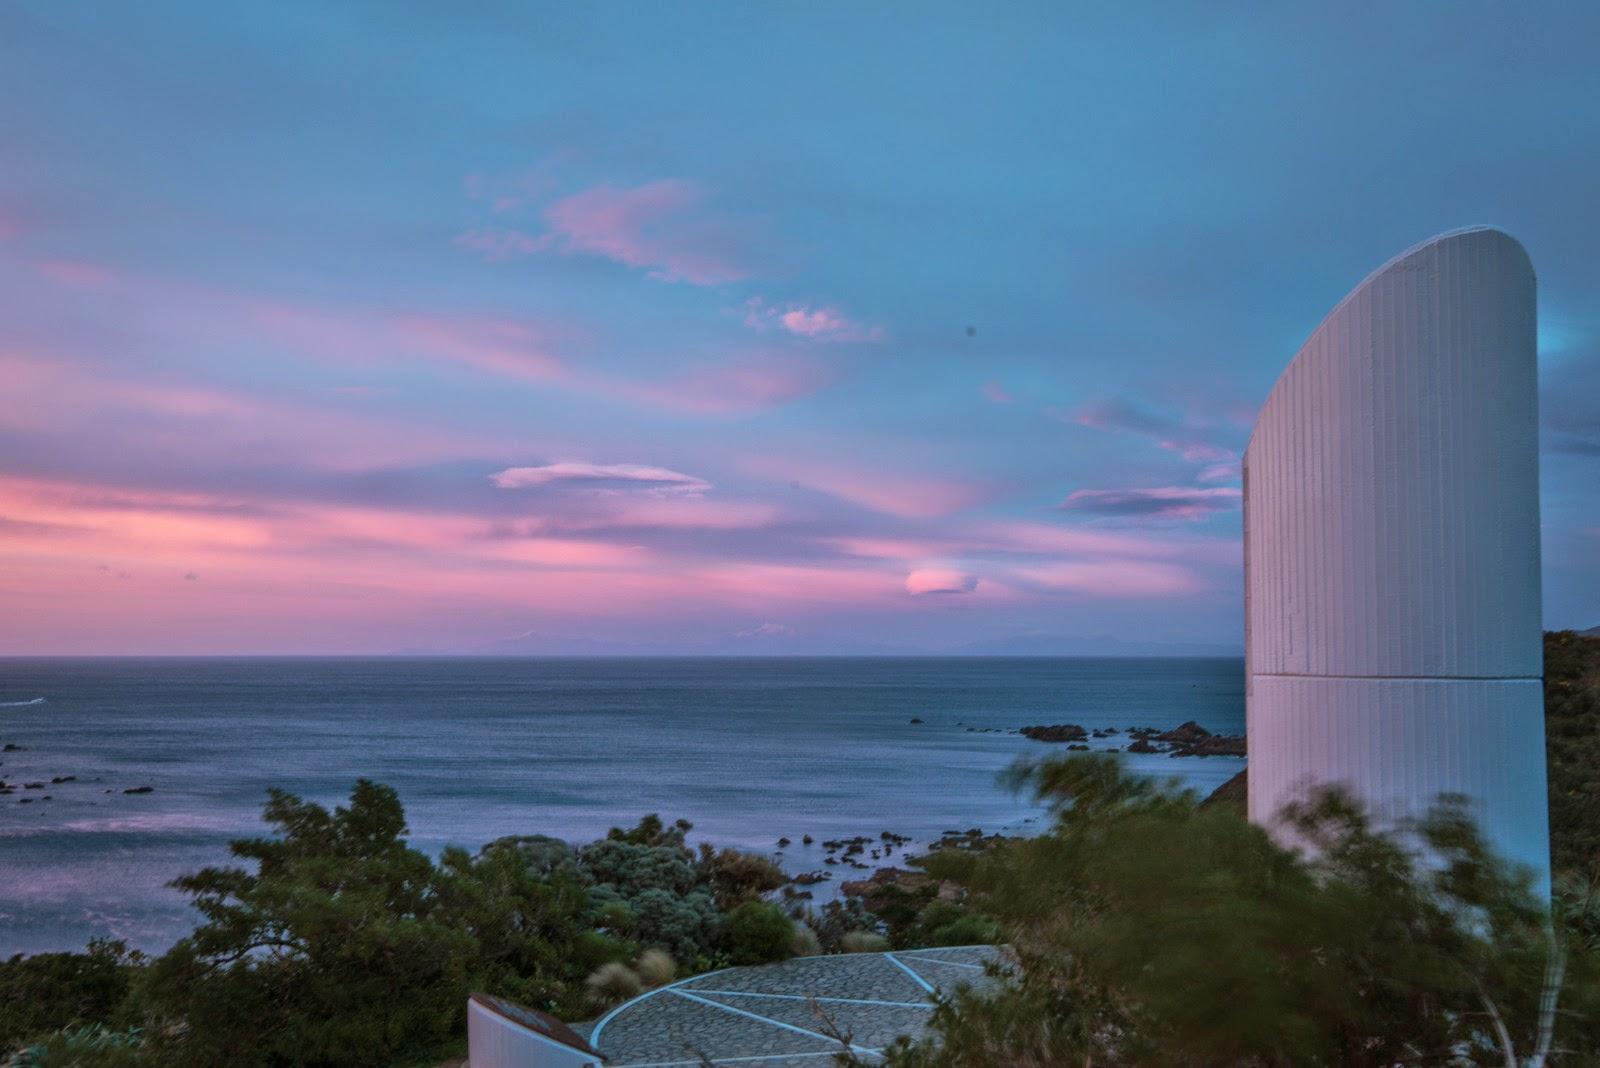 Pink clouds at sunrise Ataturk Memorial